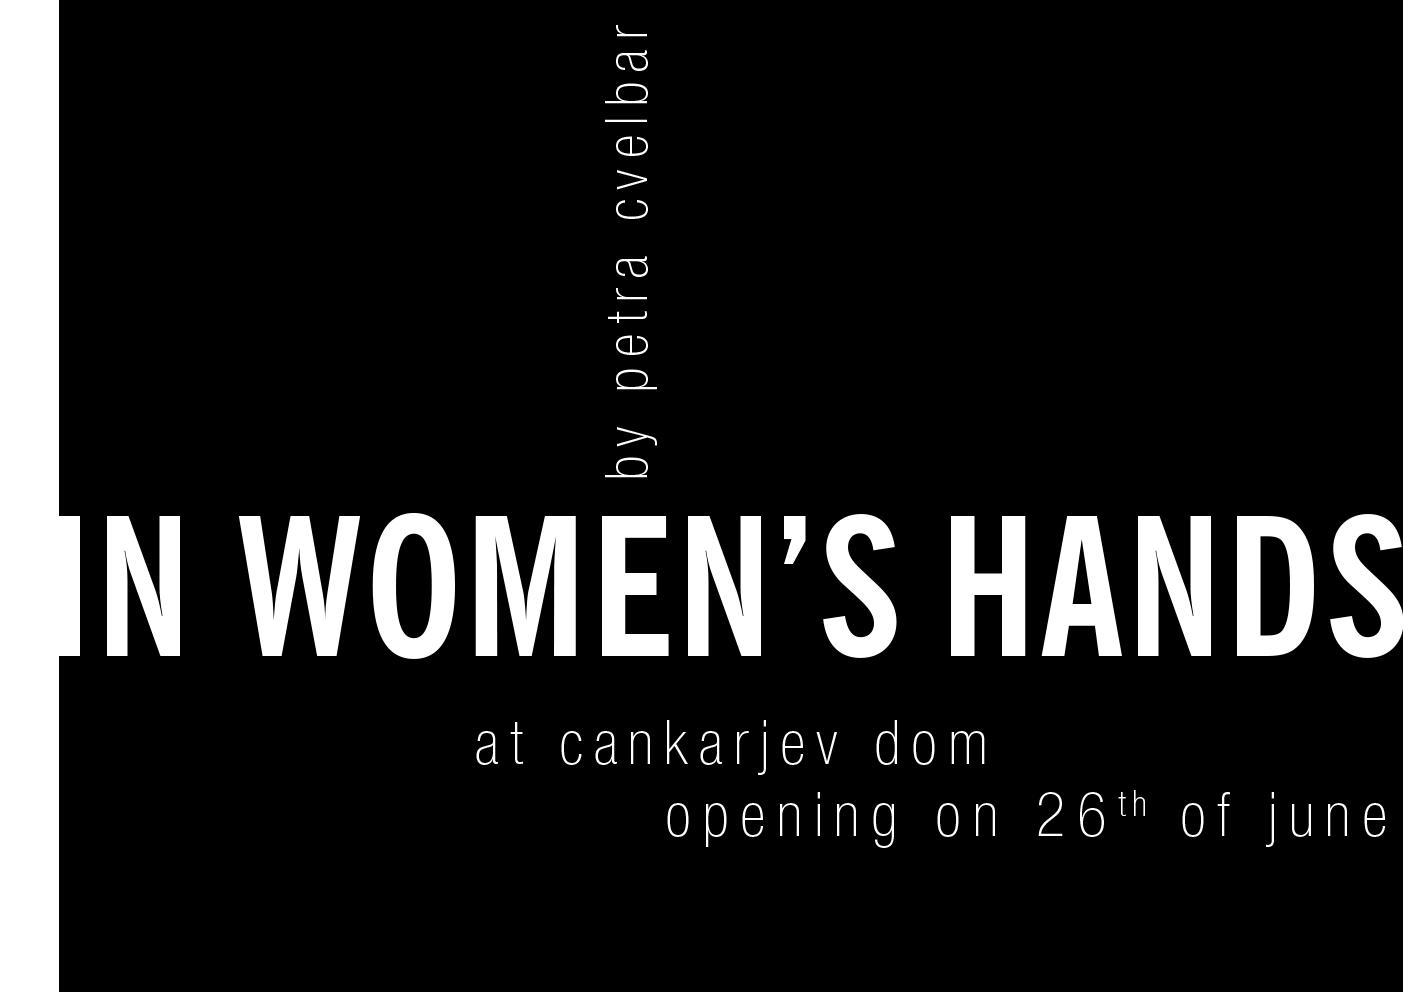 Upcoming Photo Exhibition In Women's Hands at Cankarjev dom, Ljubljana